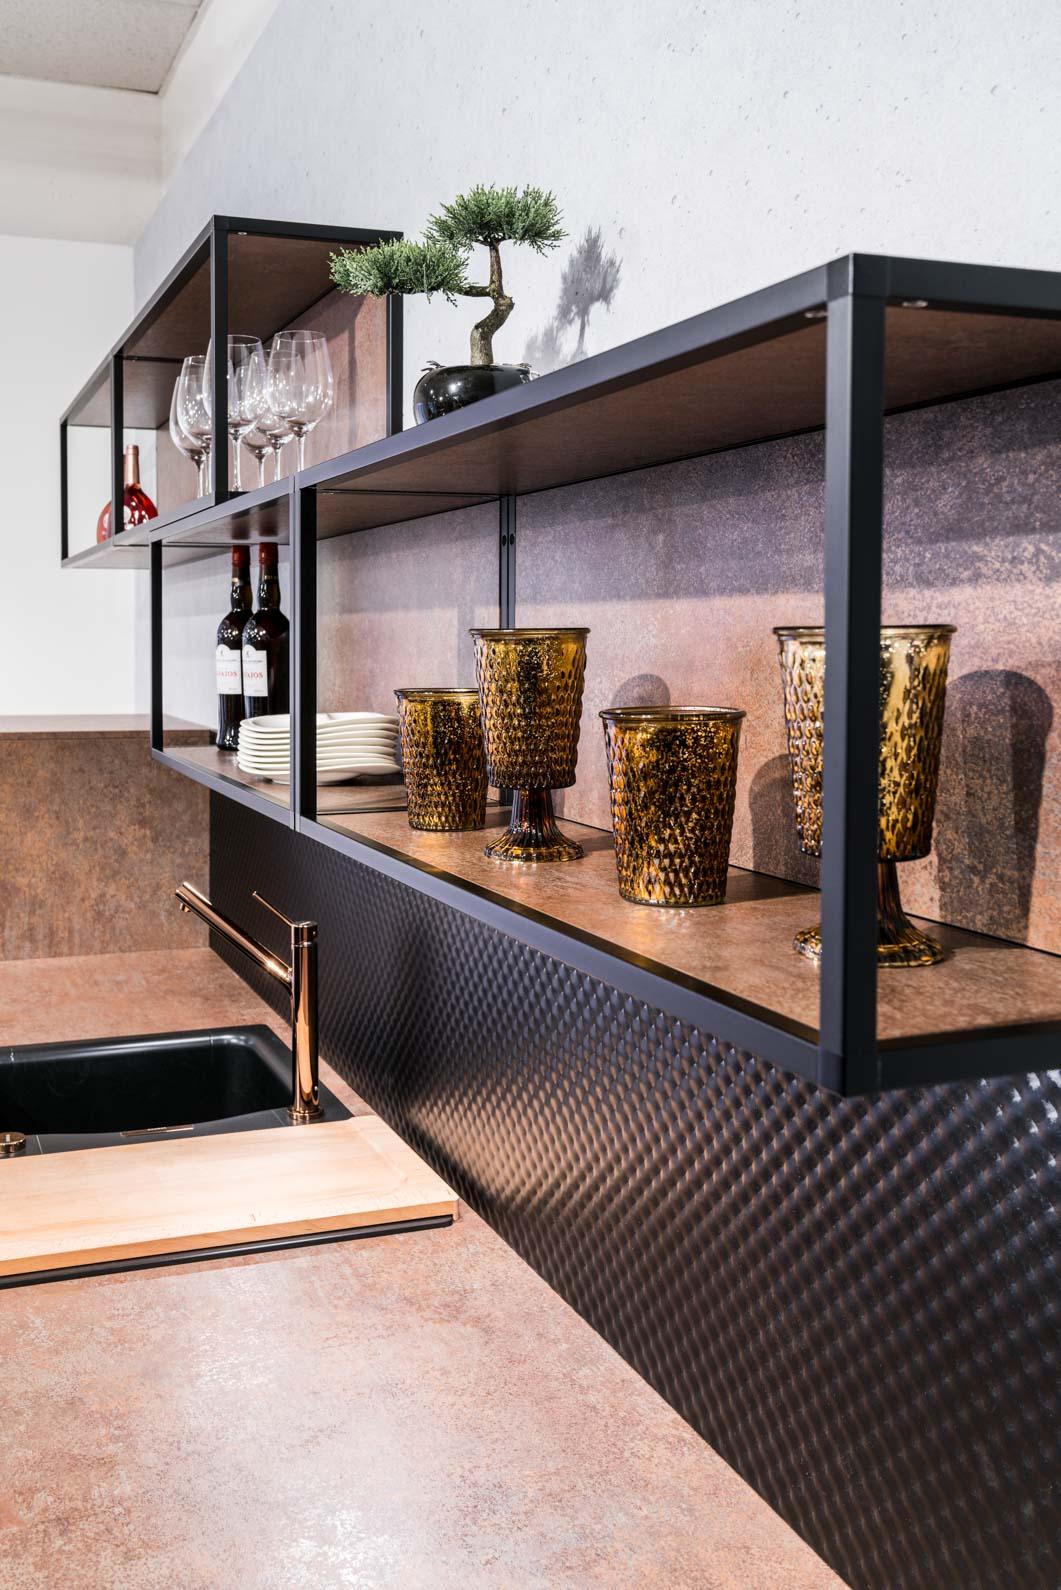 Weisser Küchenstudio Showroom Detailaufnahme von Regalen